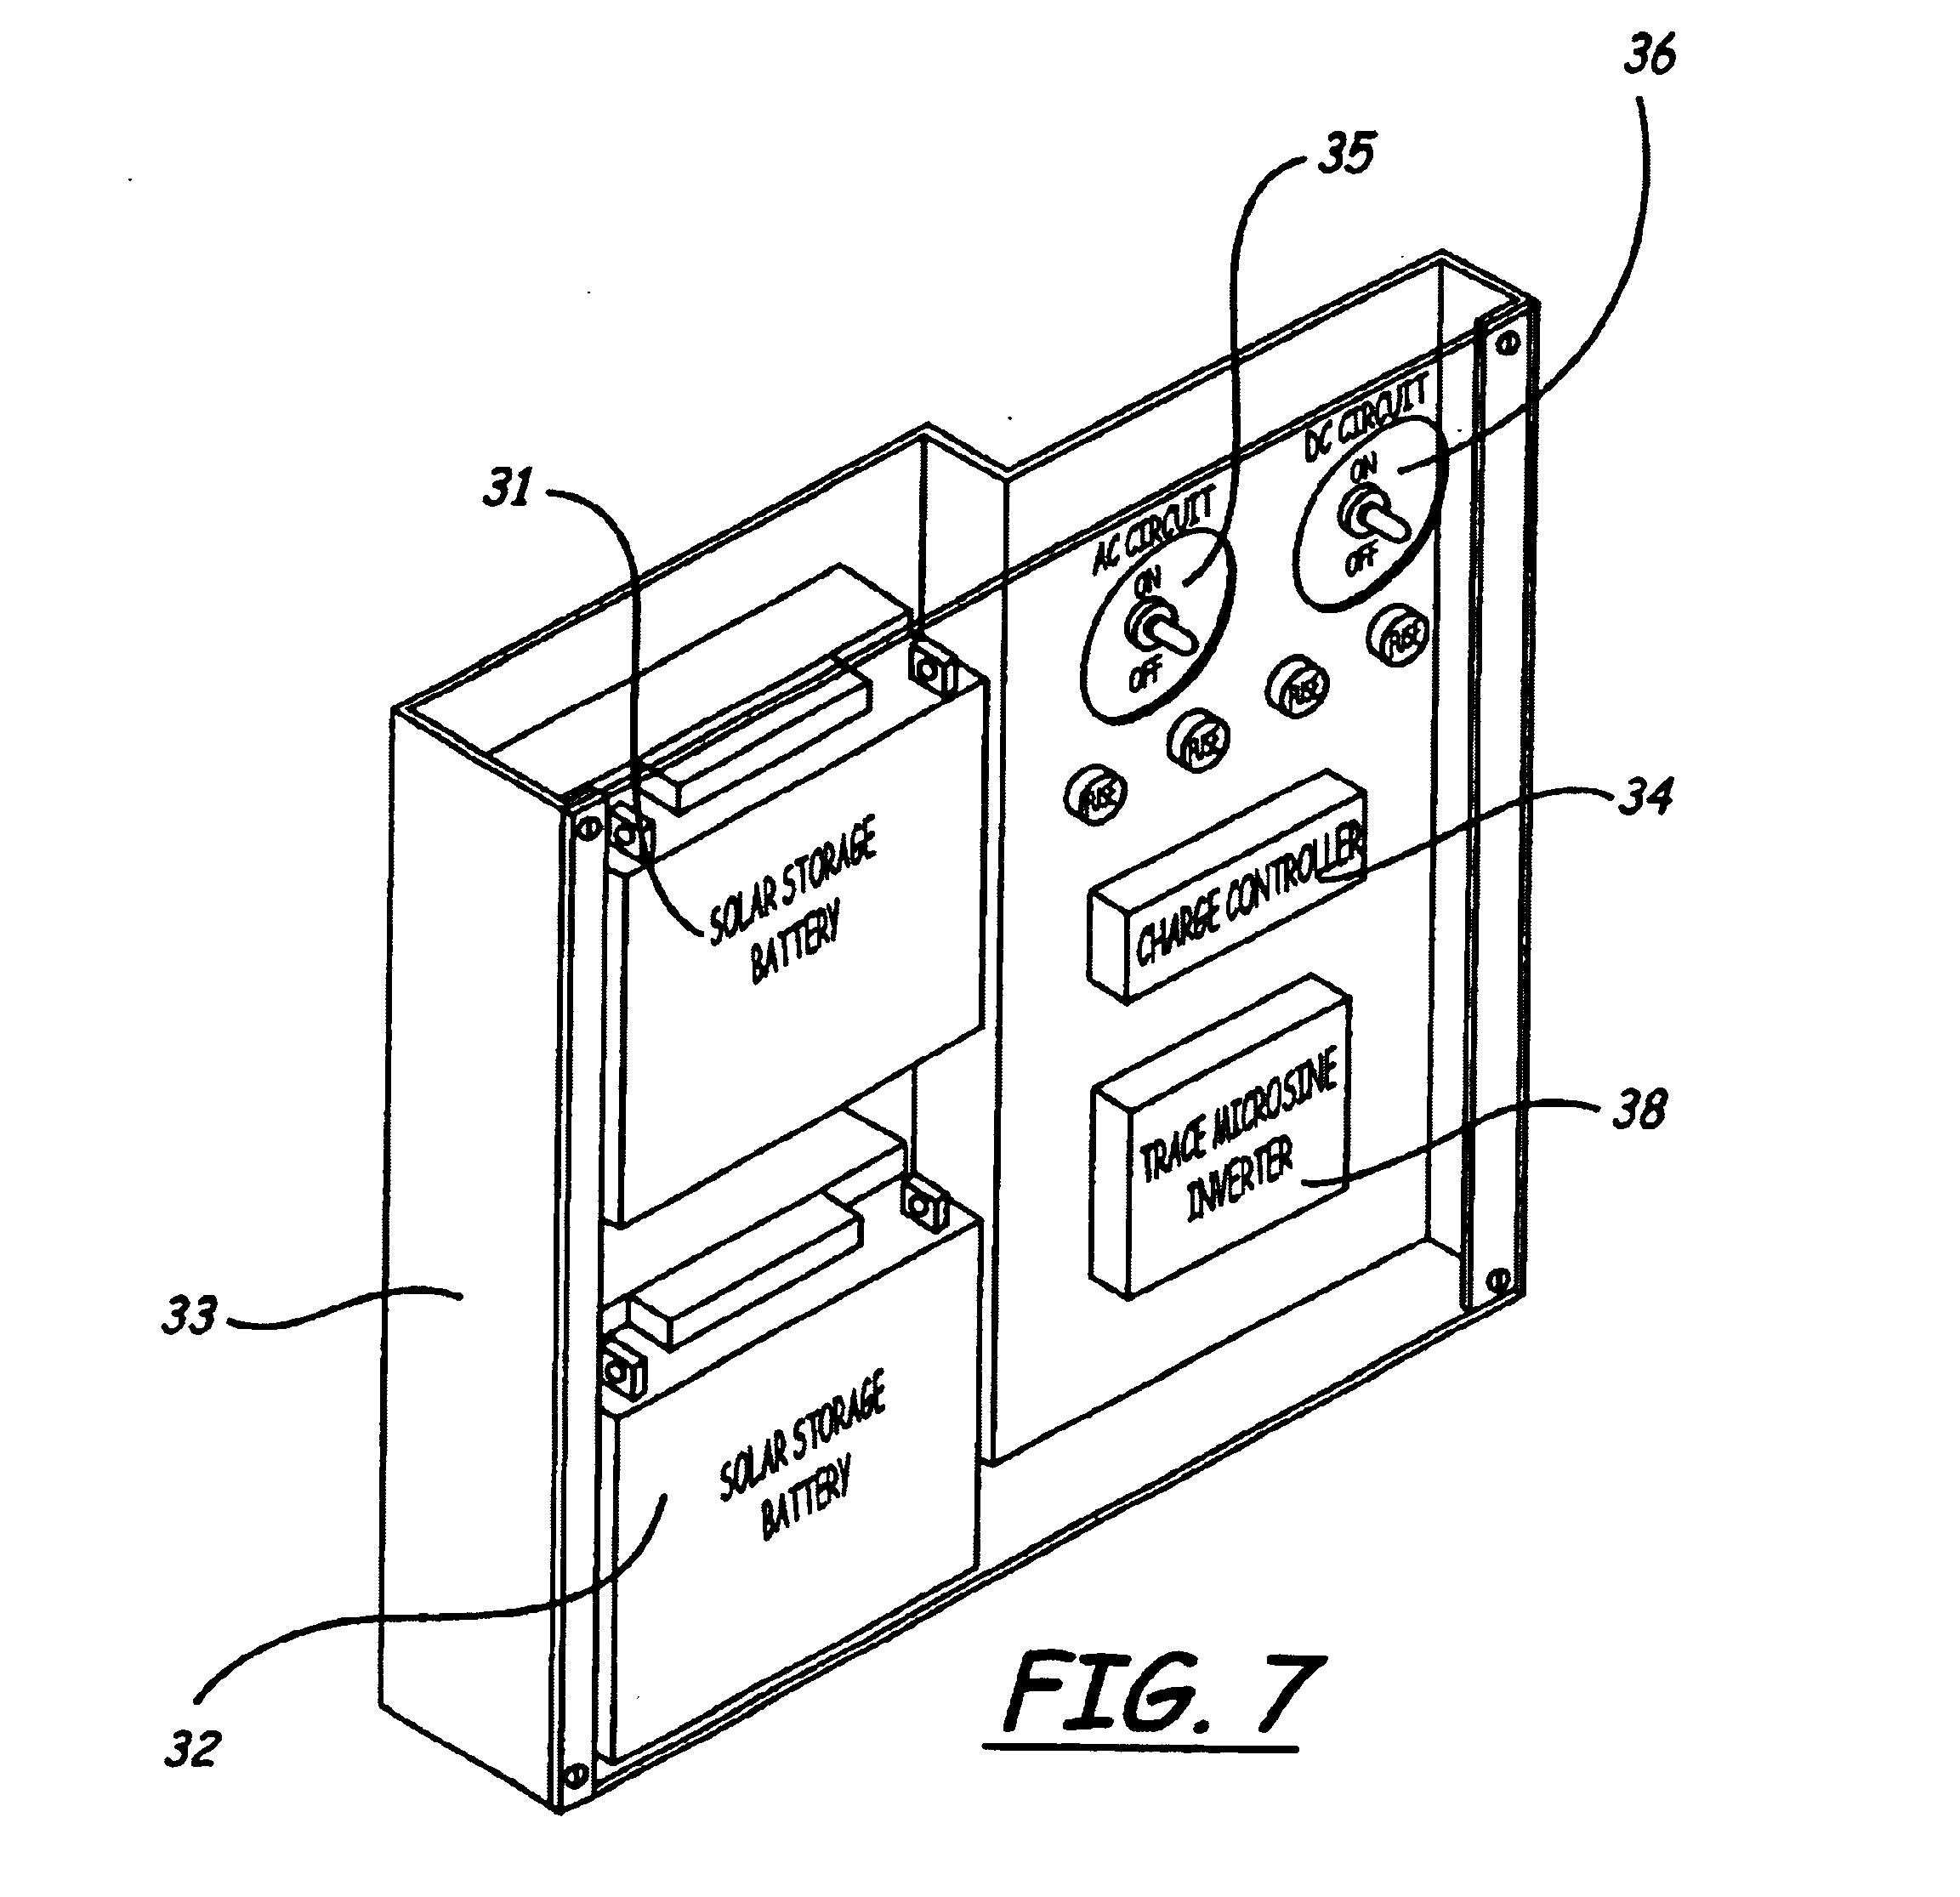 patent us6646196